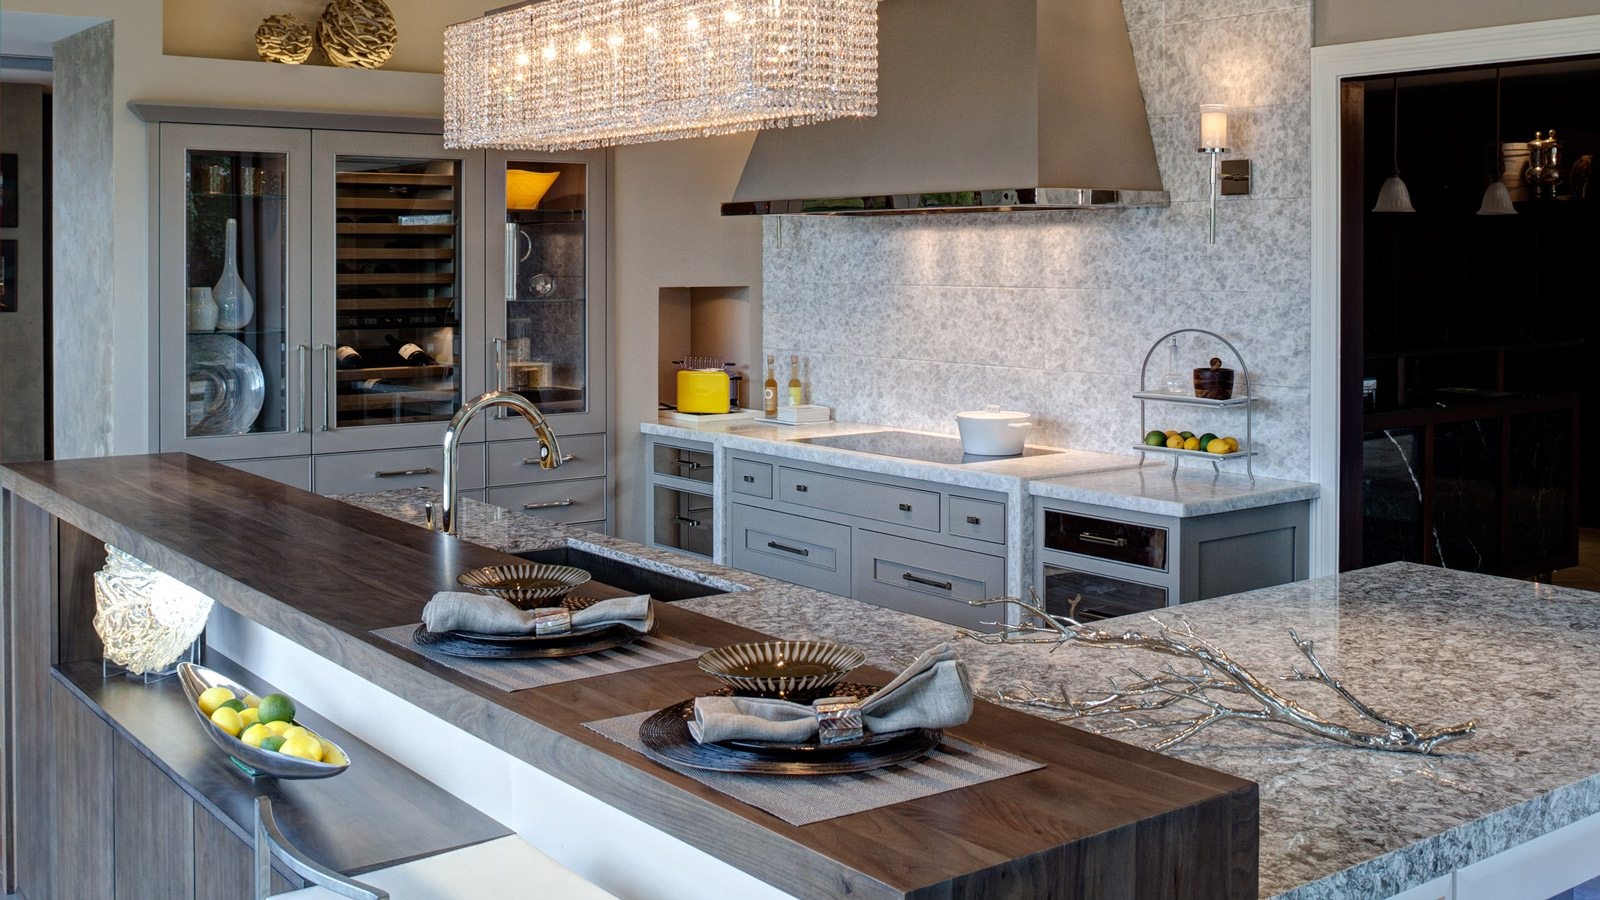 design showroom kitchen and bath design Airy Modern Kitchen Design drury